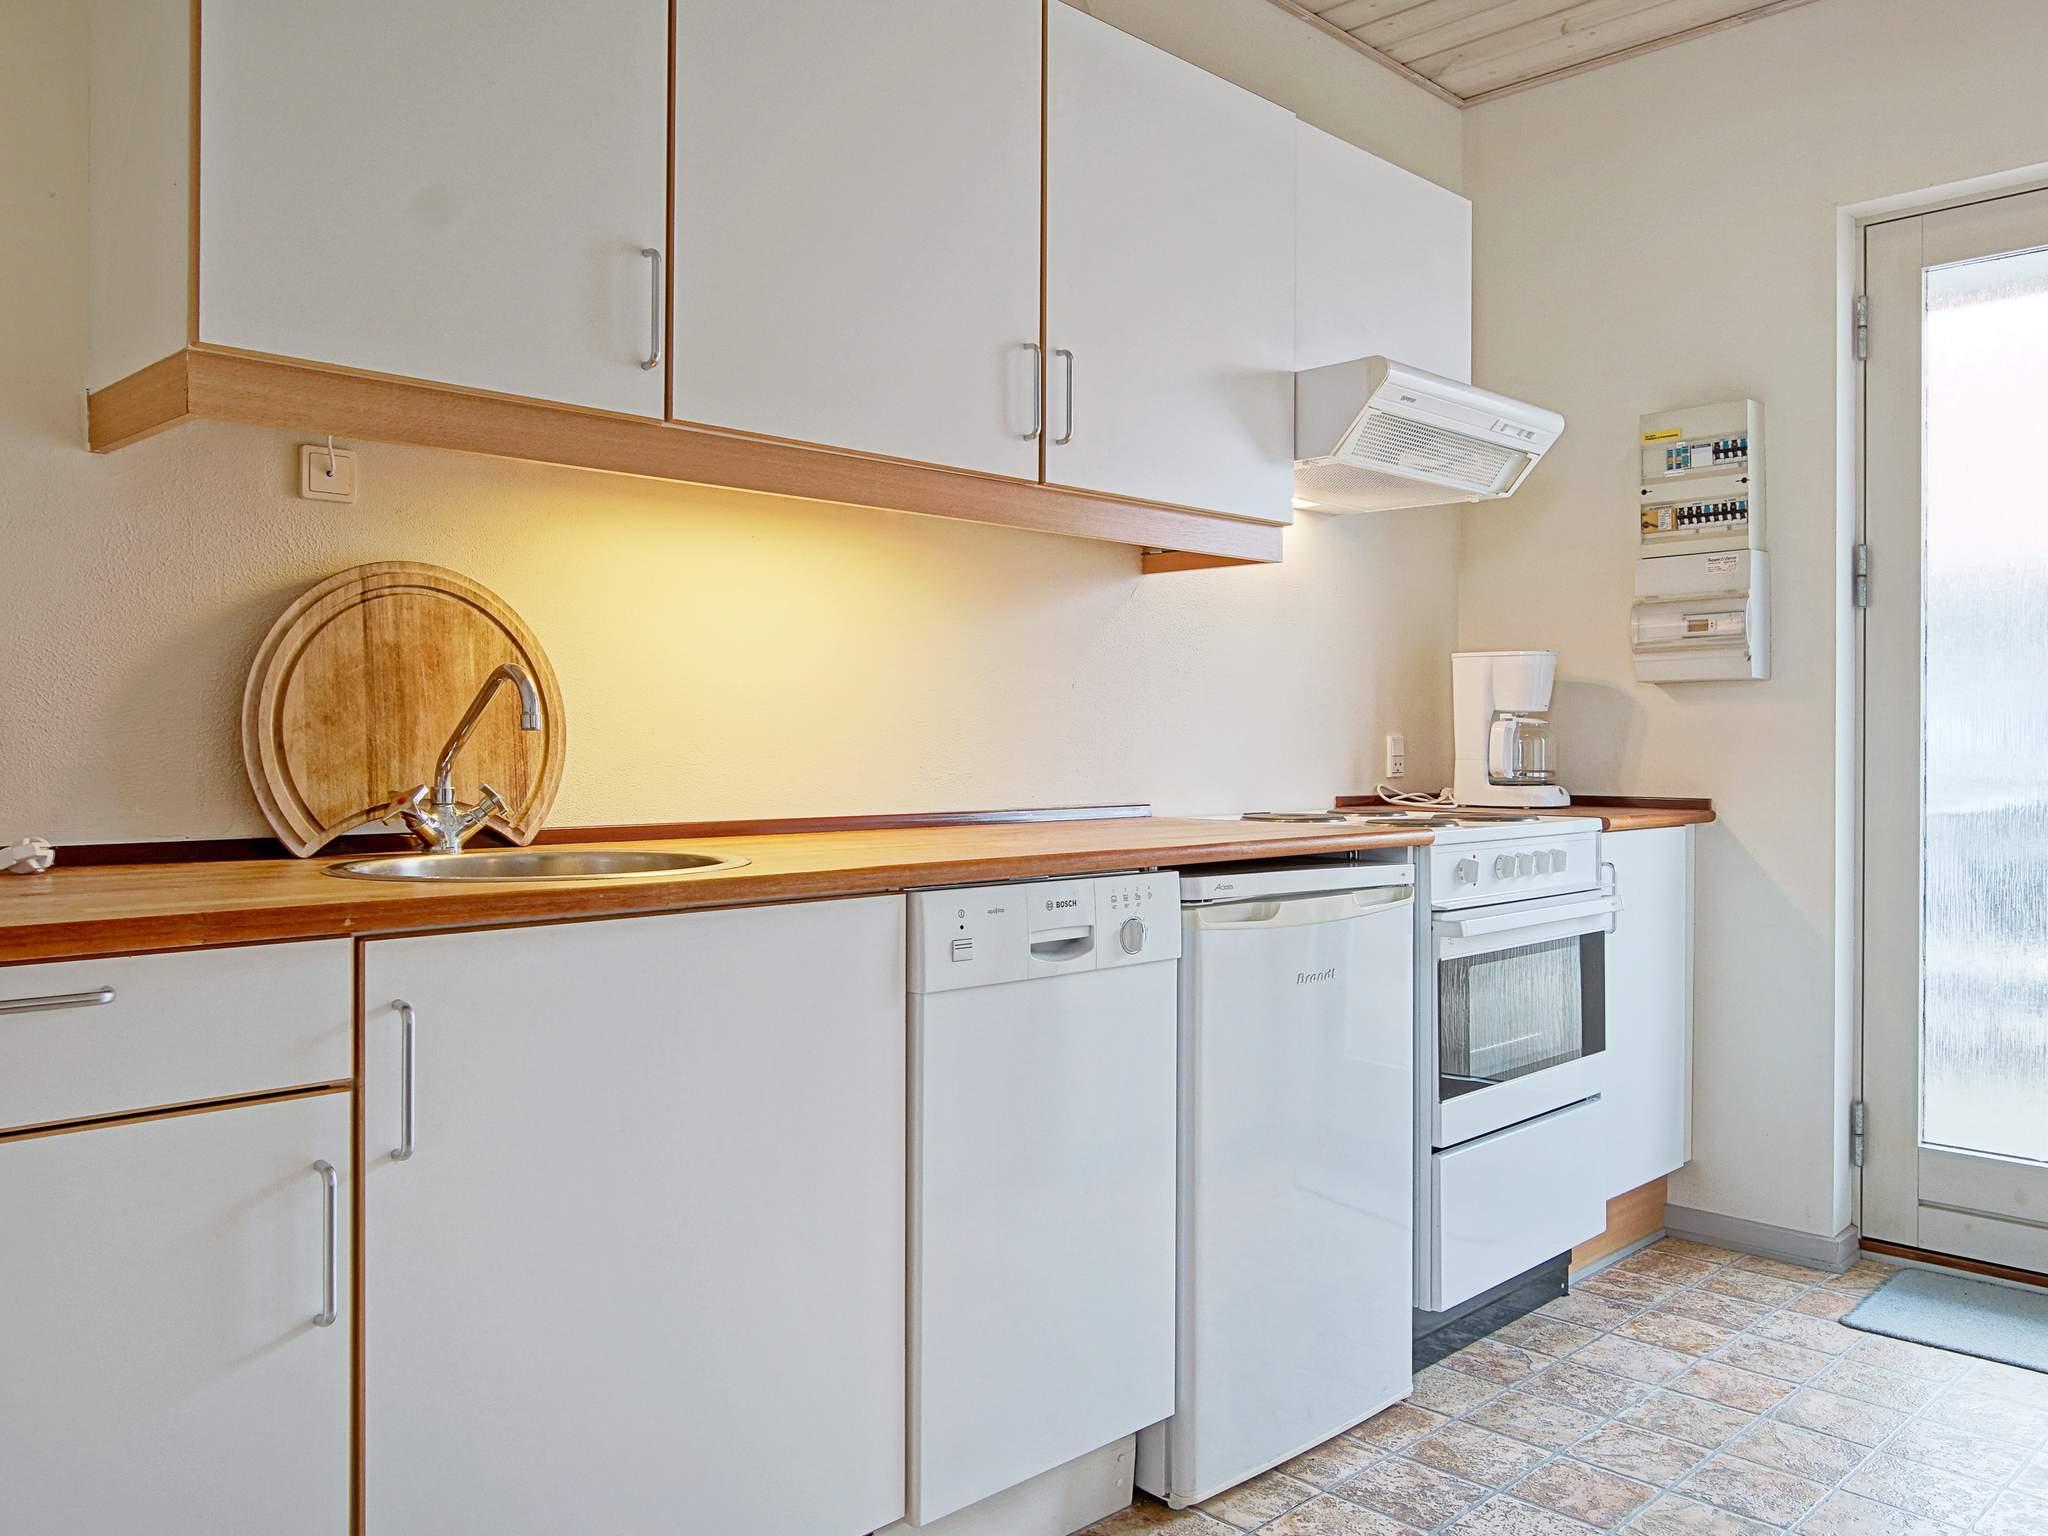 Ferienhaus Gudhjem (385016), Gudhjem, , Bornholm, Dänemark, Bild 6